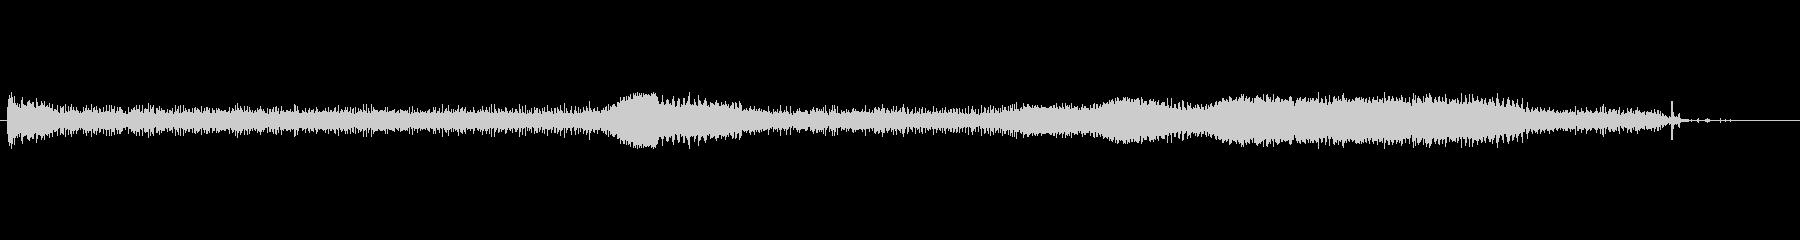 原付バイクのアイドリング音の未再生の波形